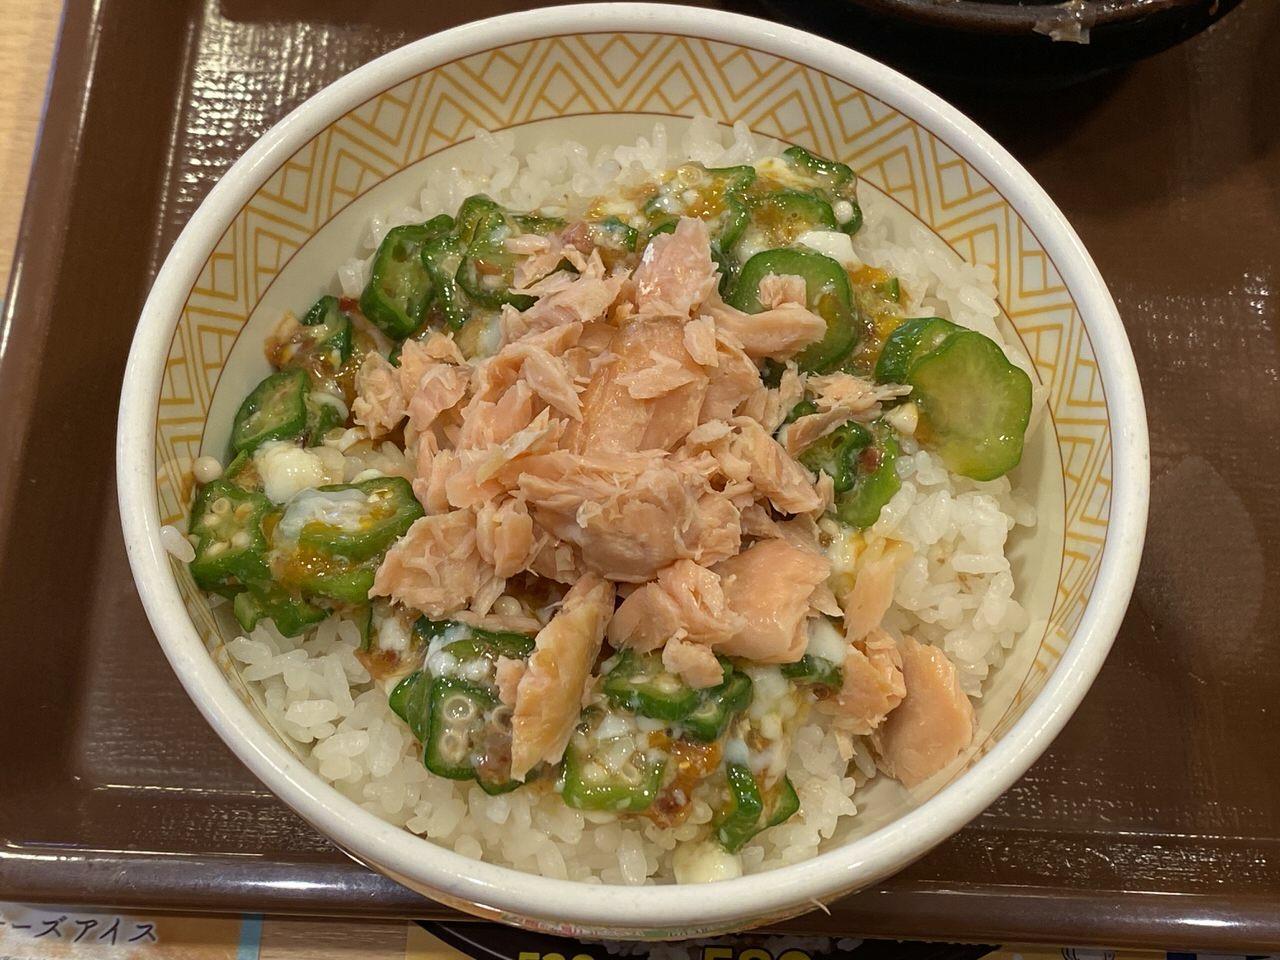 すき家の朝食「鮭のっけ朝食」7